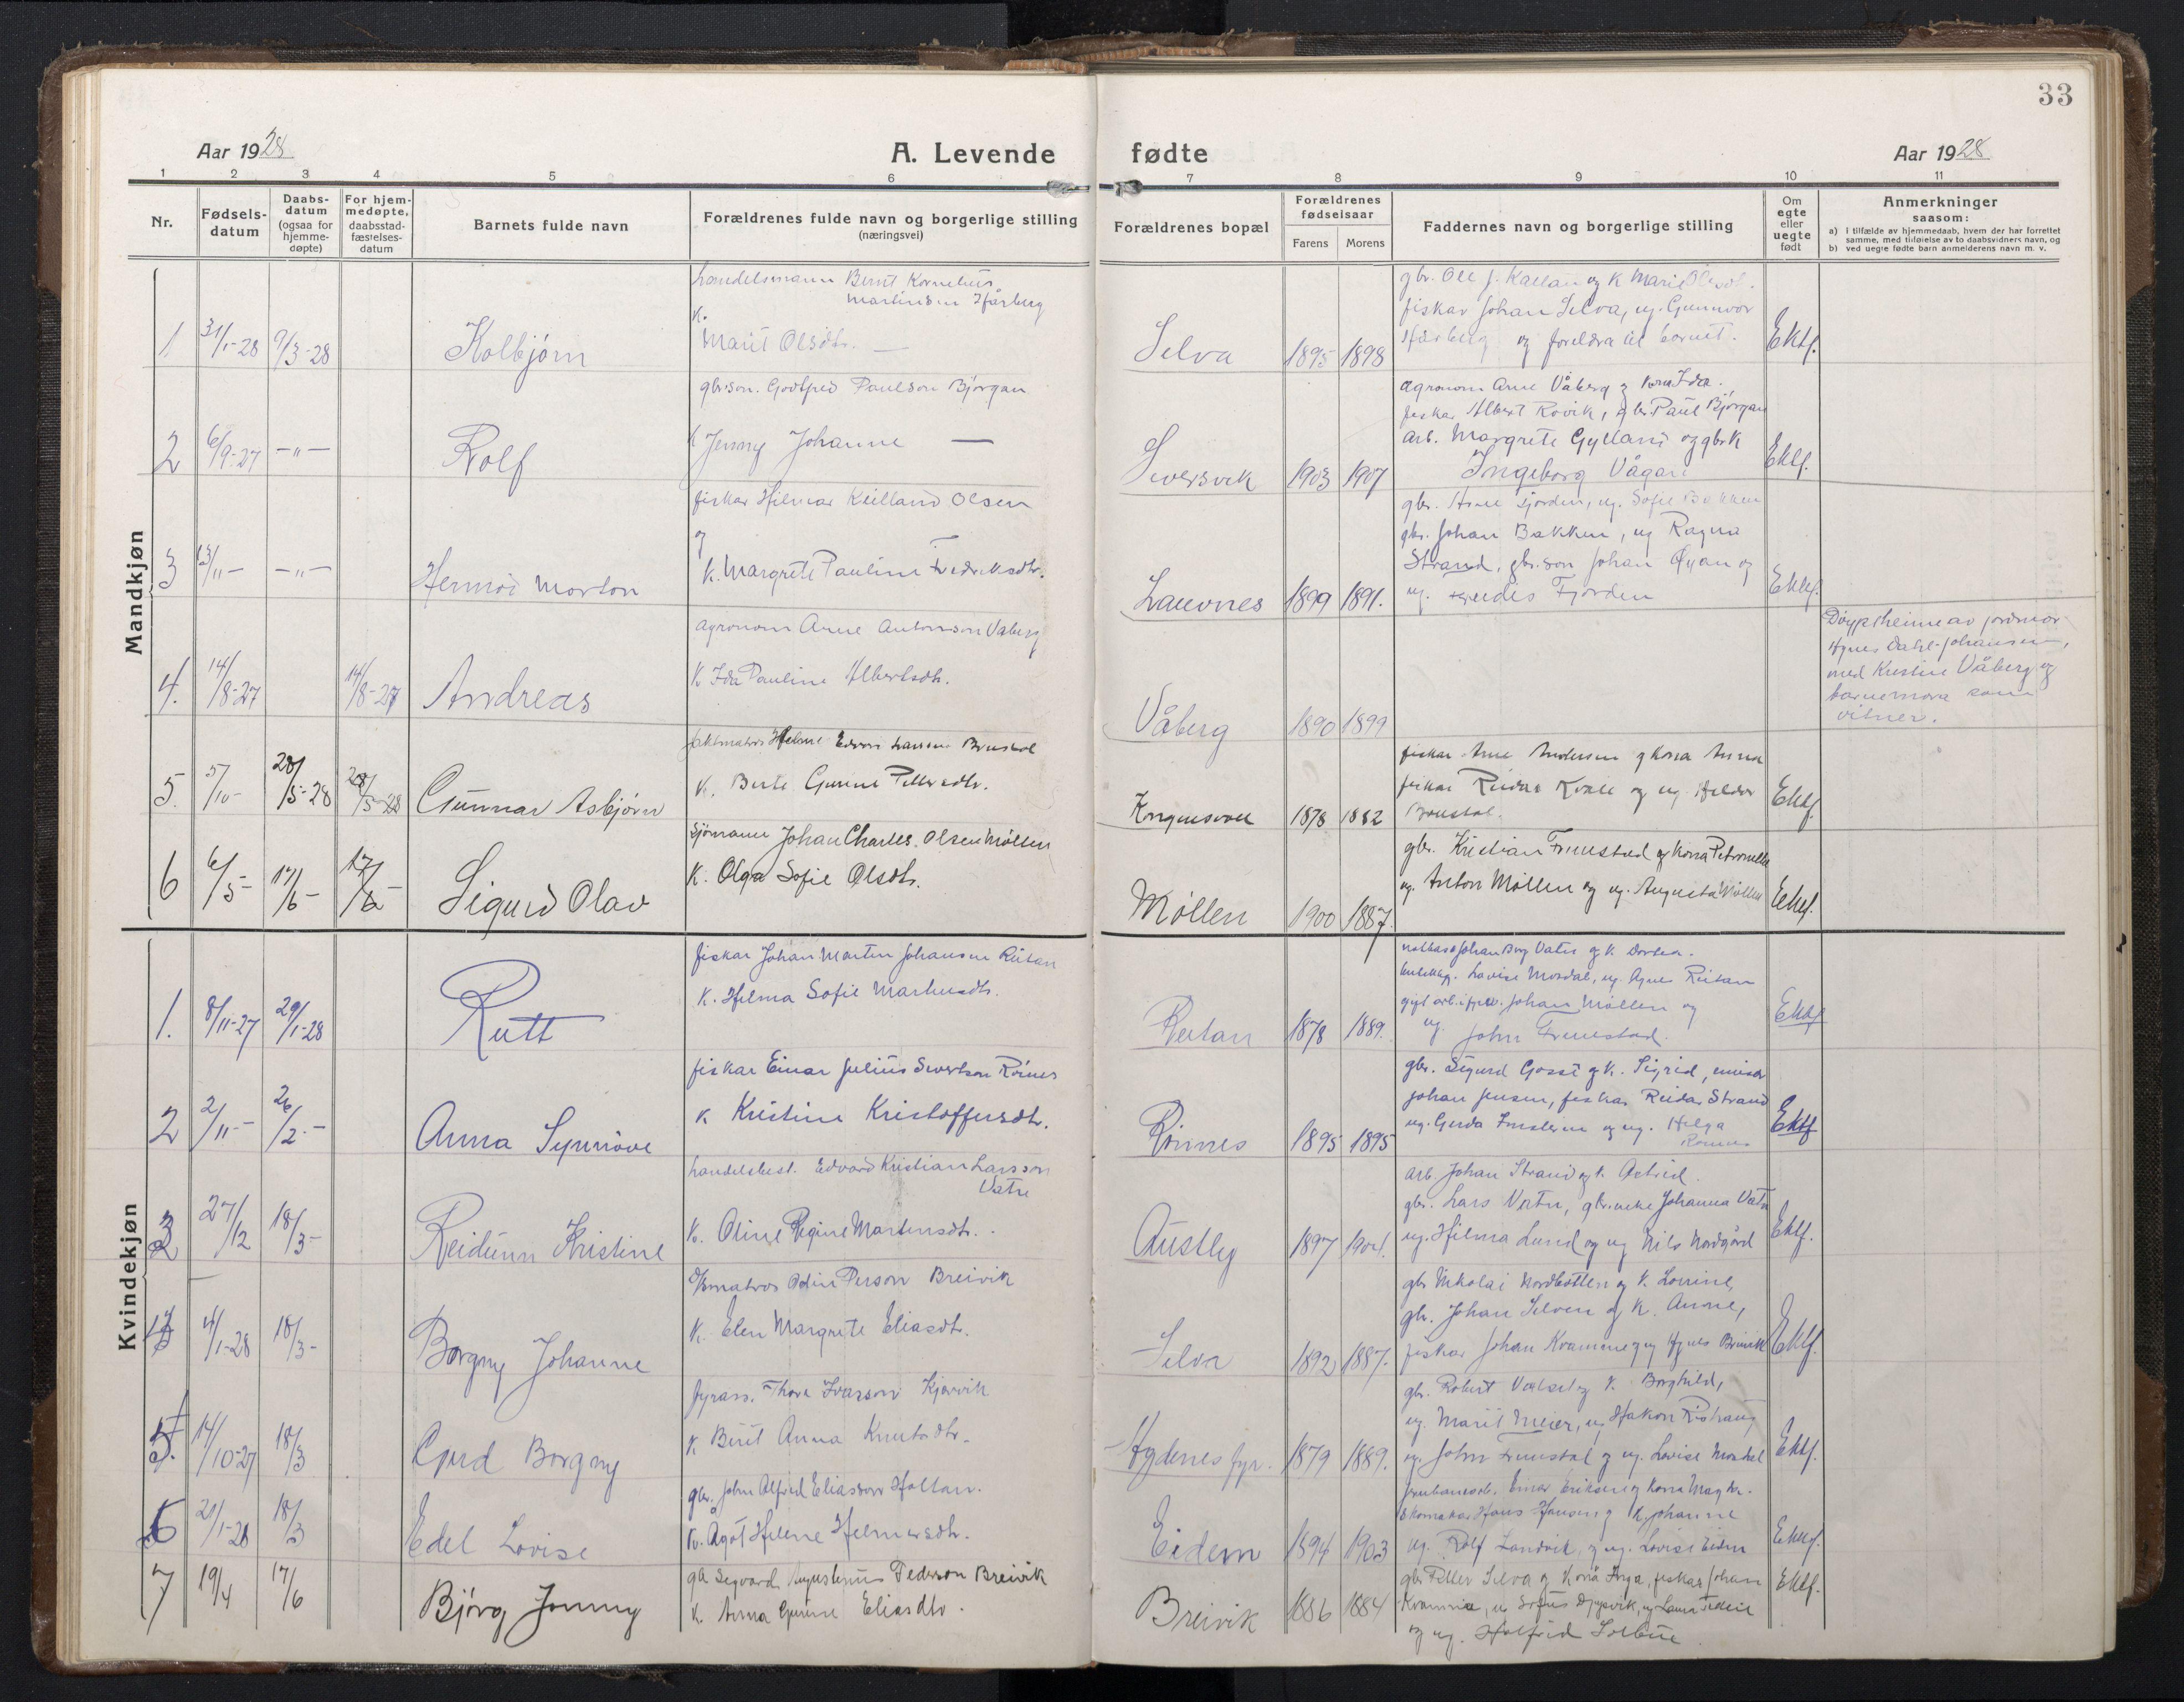 SAT, Ministerialprotokoller, klokkerbøker og fødselsregistre - Sør-Trøndelag, 662/L0758: Klokkerbok nr. 662C03, 1918-1948, s. 33